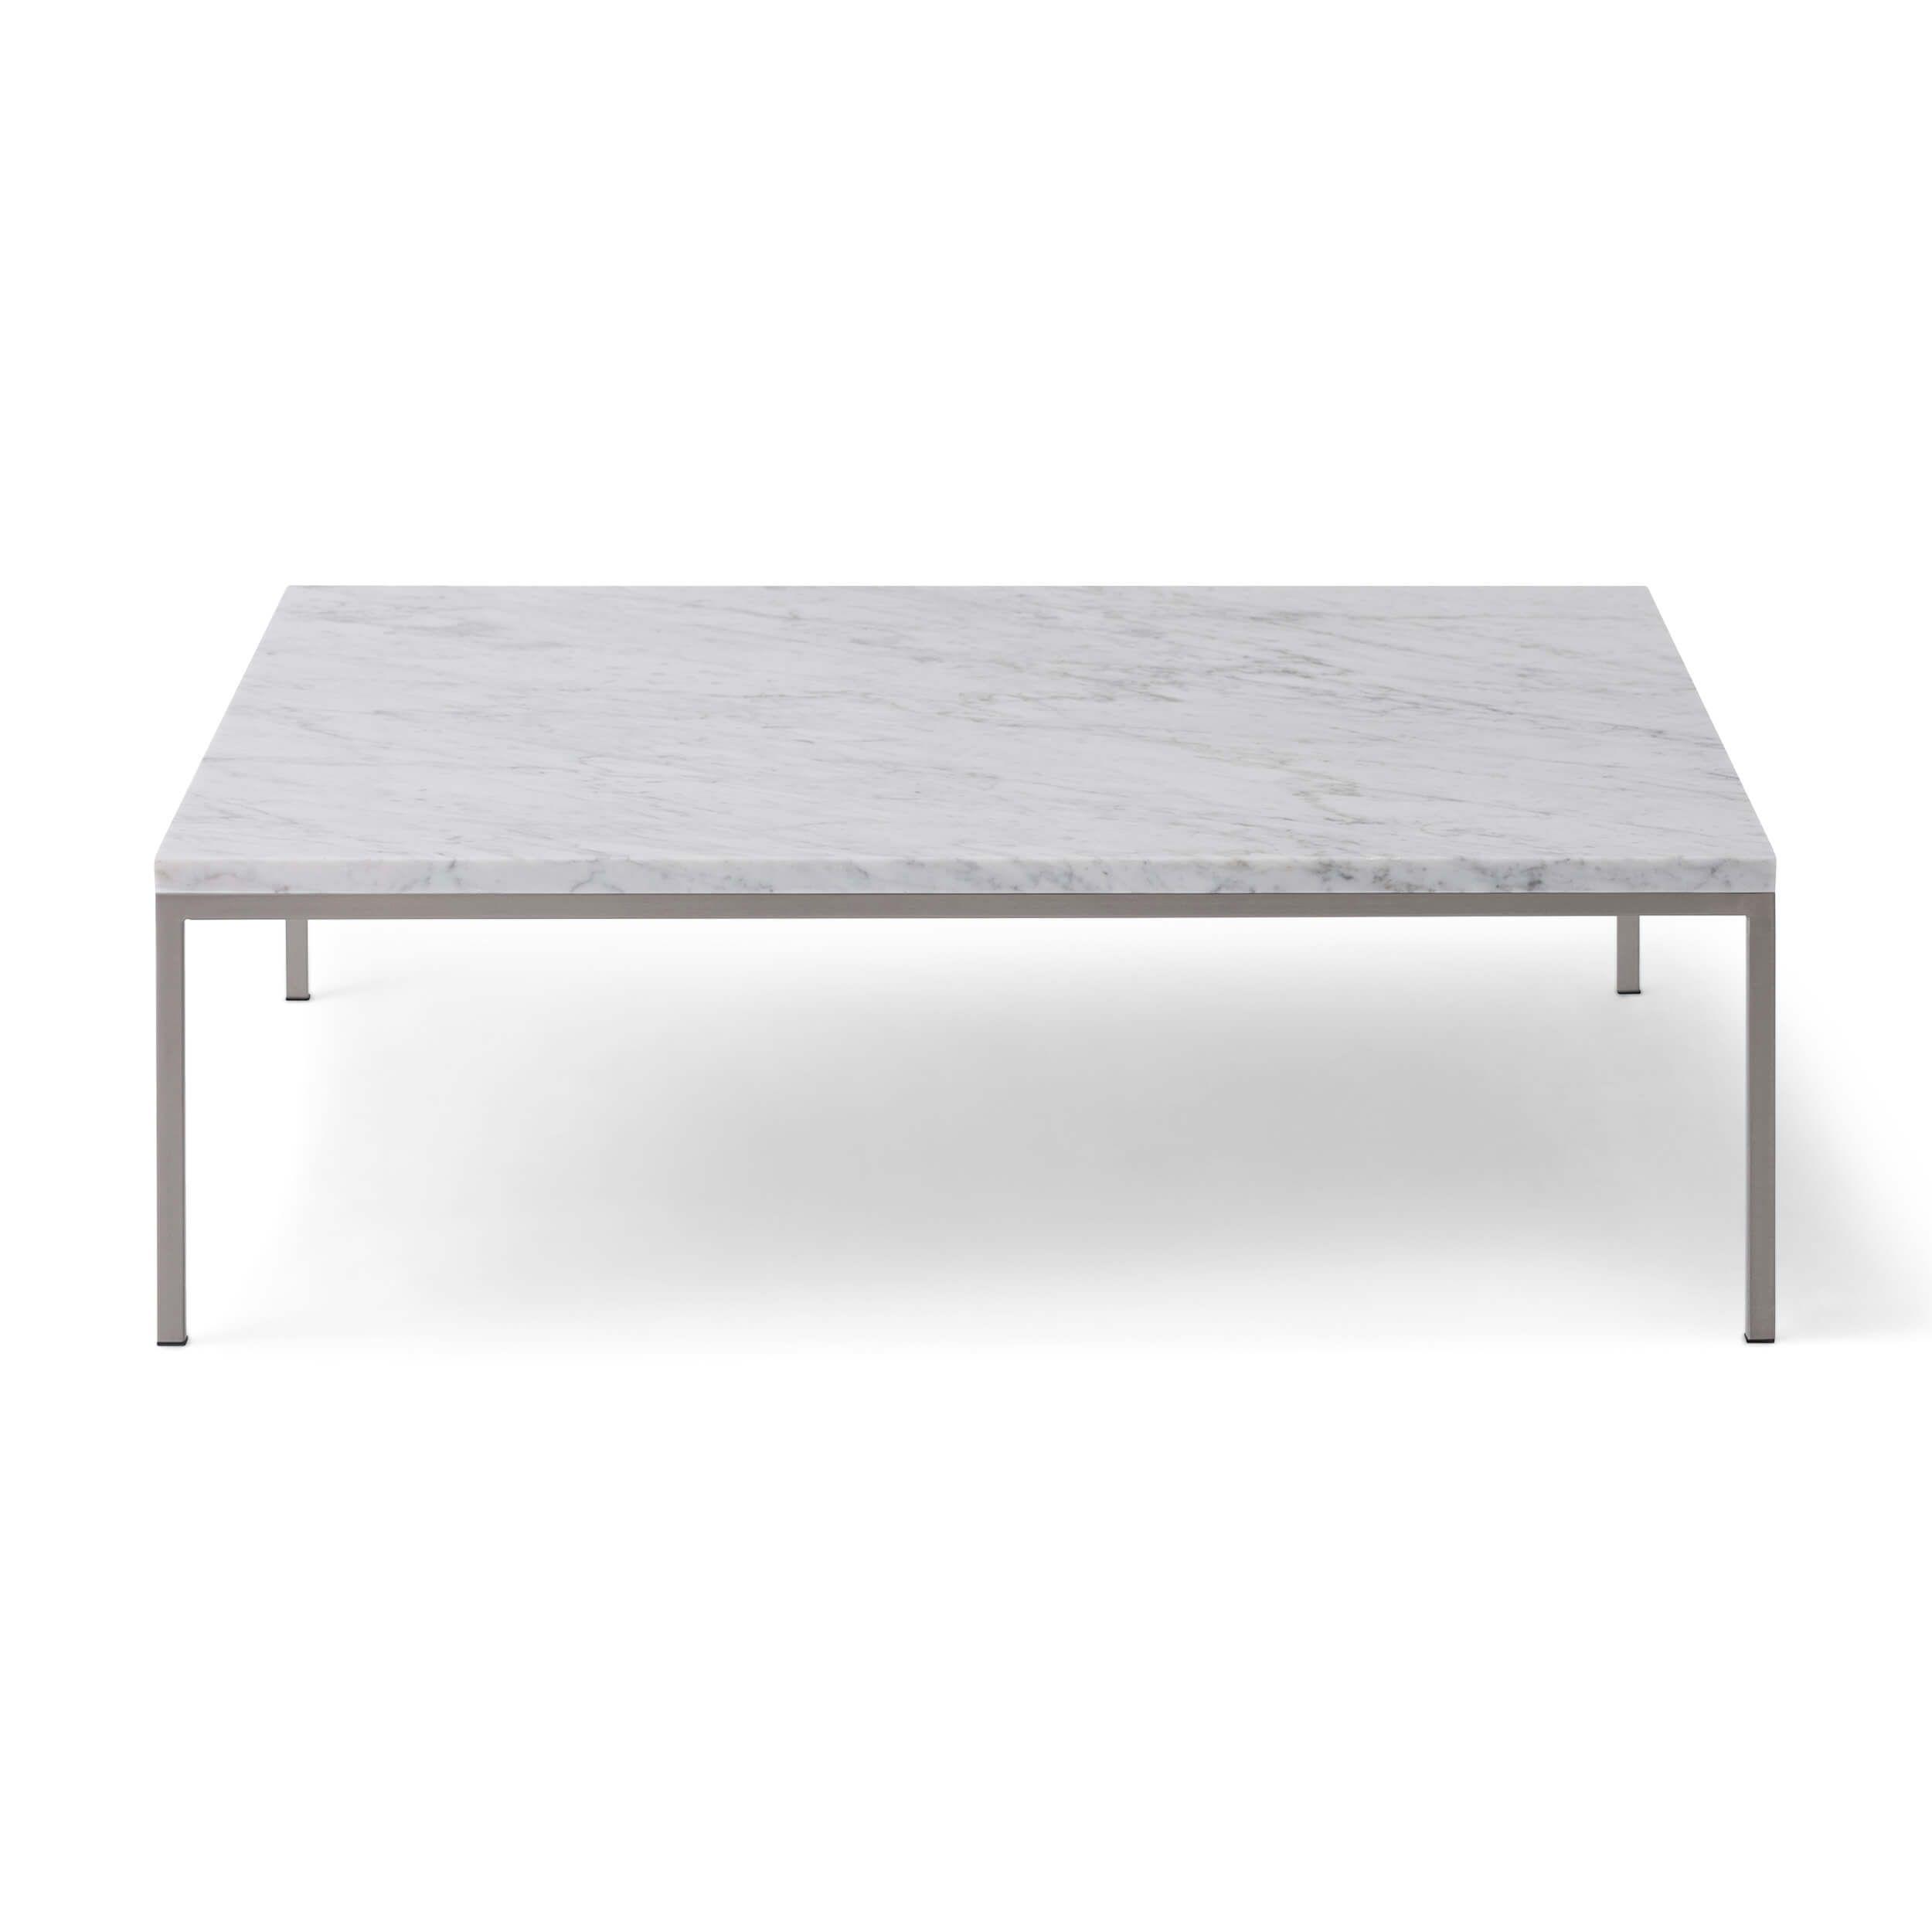 Custom Square Coffee Table Eq3 Coffee Table Coffee Table Square Modern Glass Coffee Table [ 2500 x 2500 Pixel ]